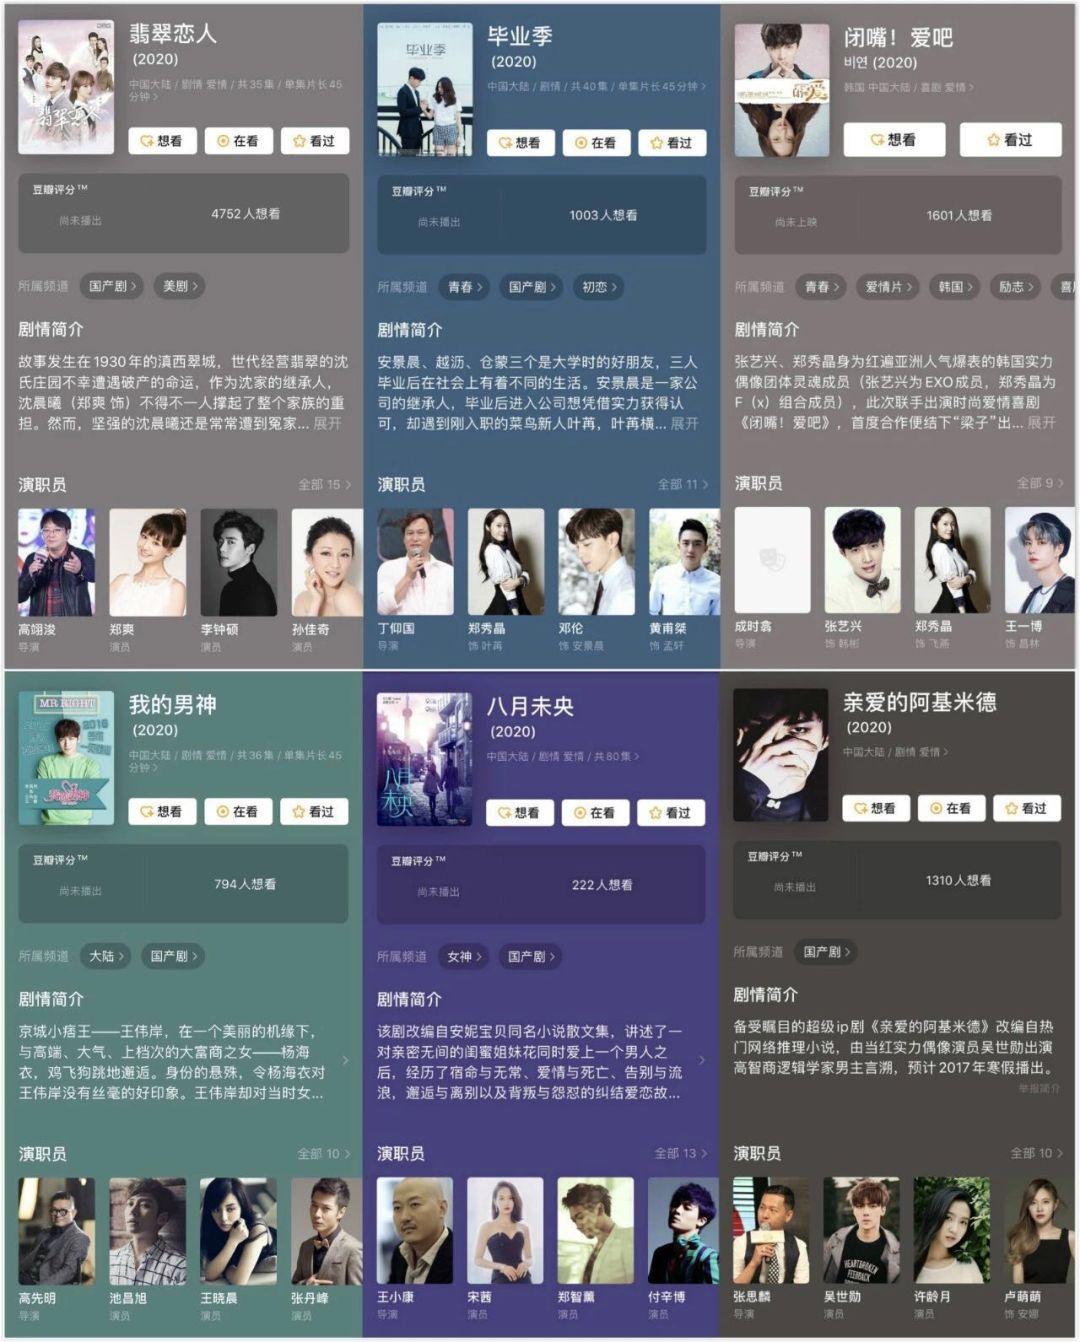 """限韓令或解禁,""""韓流""""如何破局崛起的中國偶像市場?"""